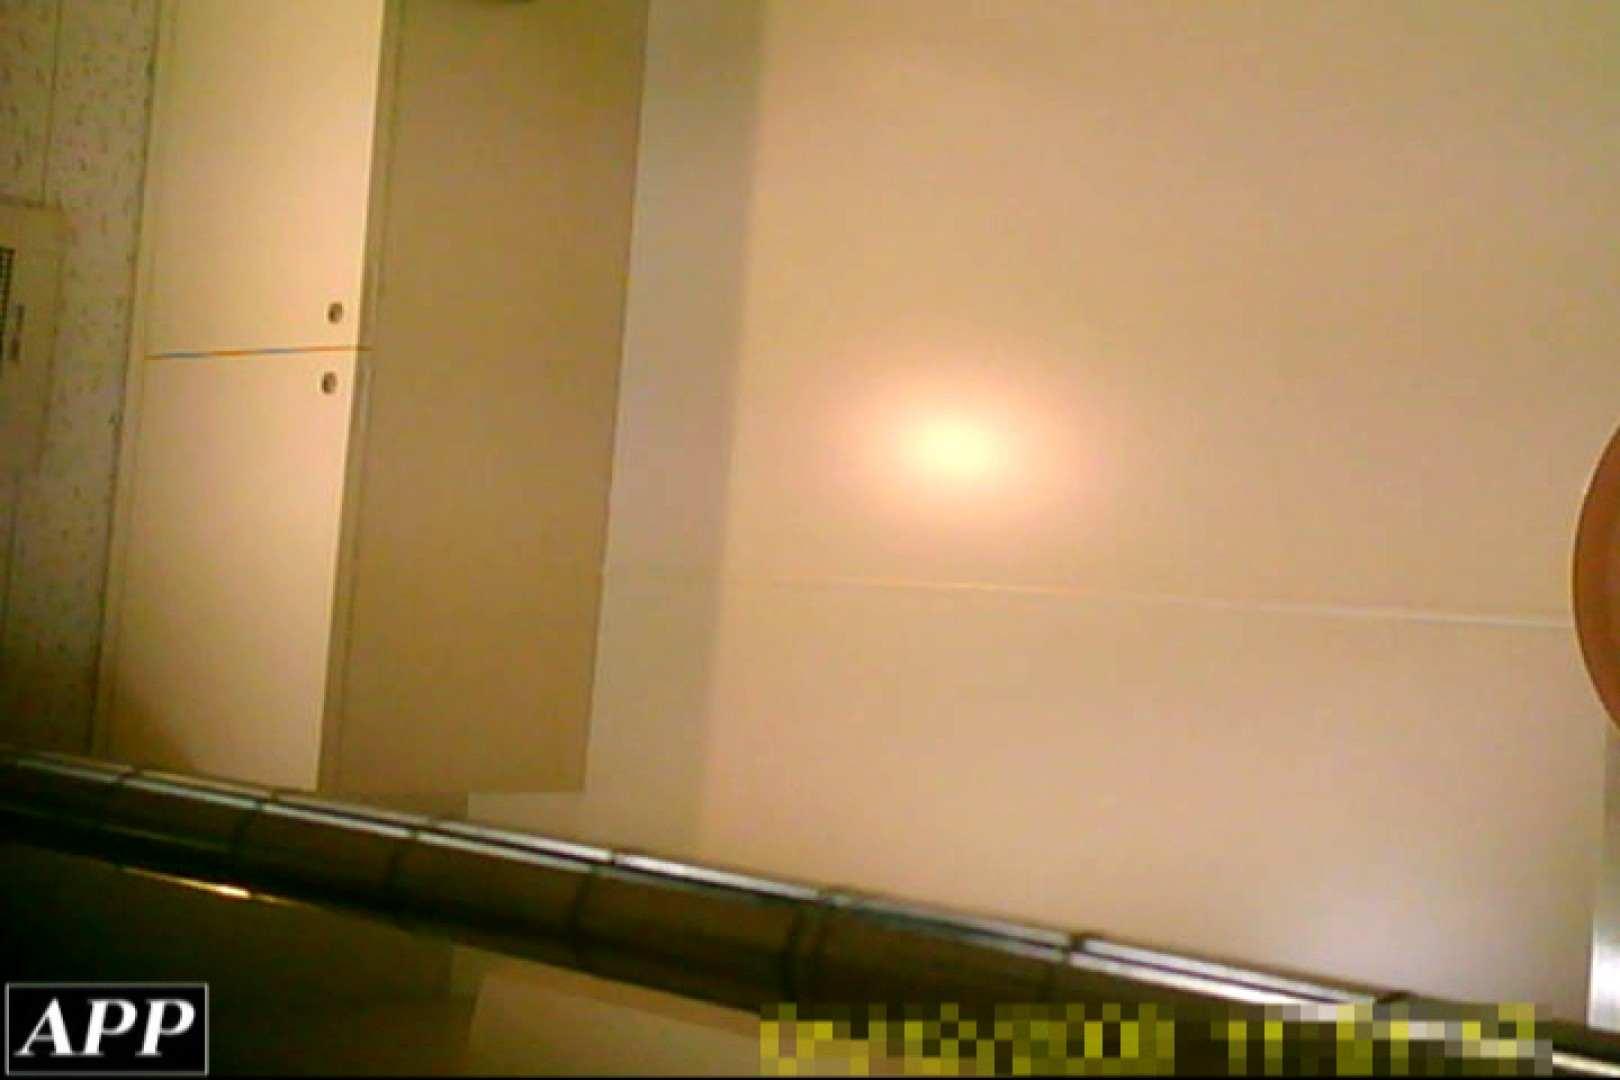 3視点洗面所 vol.073 OLヌード天国 | 洗面所  87PIX 23